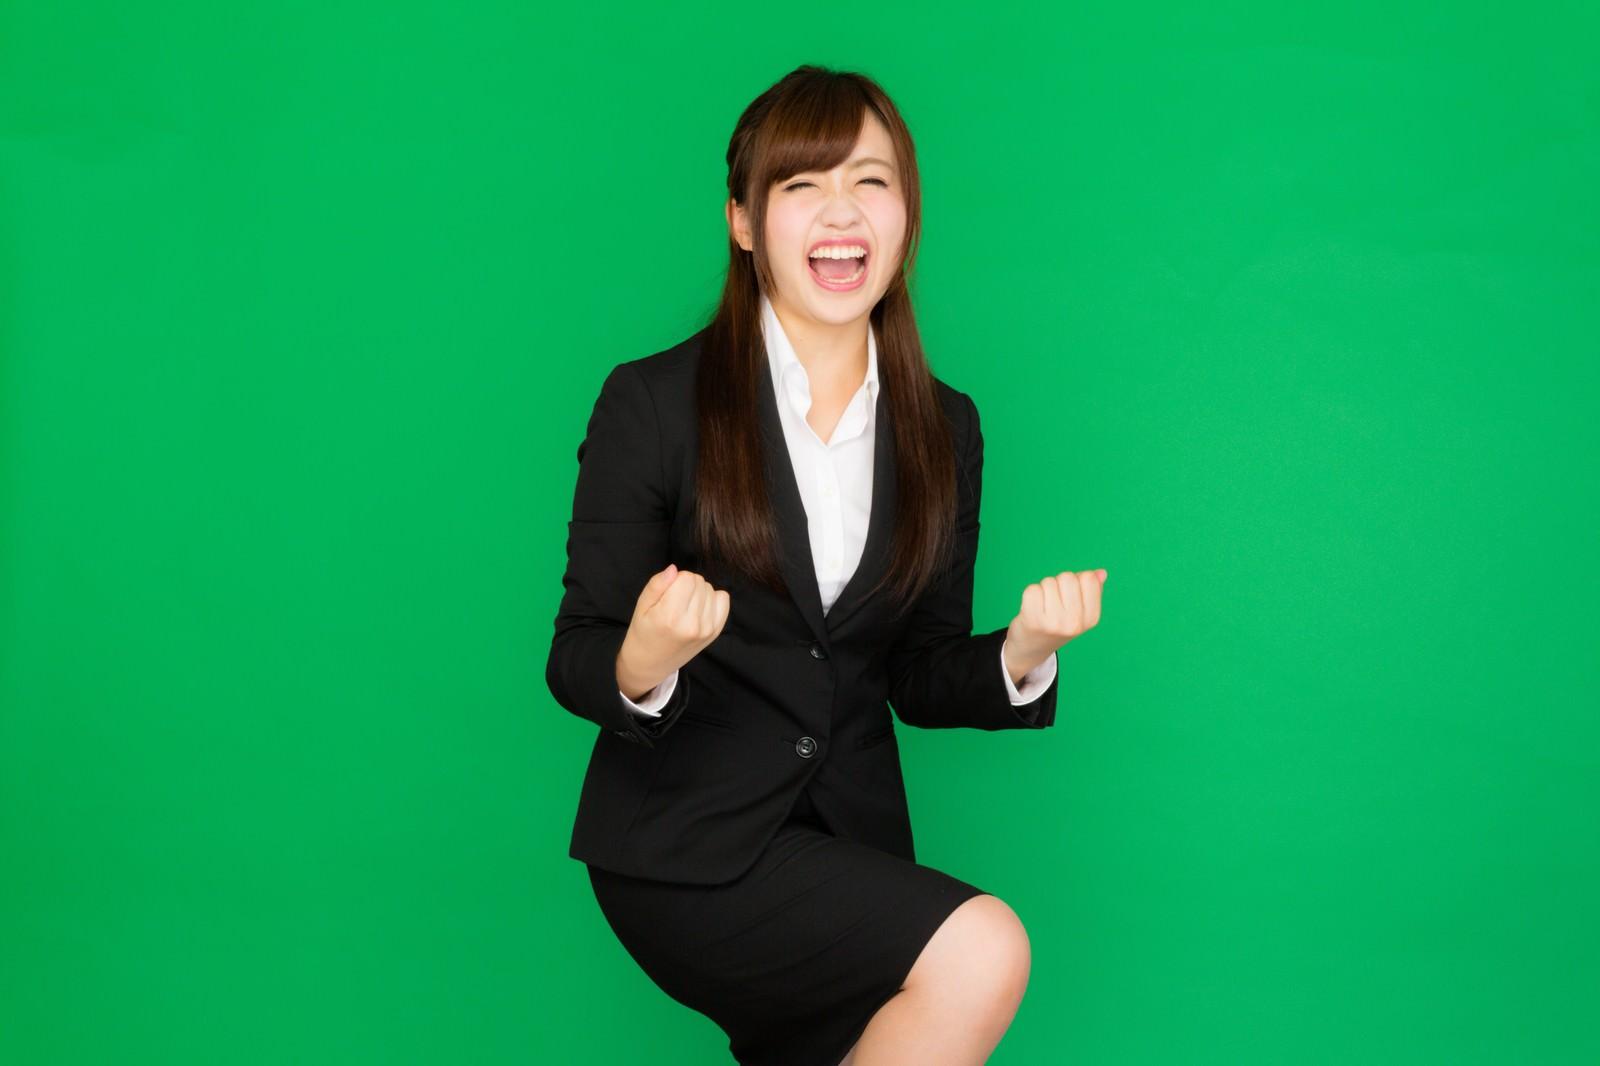 「社内プレゼンが通って超喜ぶスーツ姿の女性(グリーンバック)社内プレゼンが通って超喜ぶスーツ姿の女性(グリーンバック)」[モデル:河村友歌]のフリー写真素材を拡大